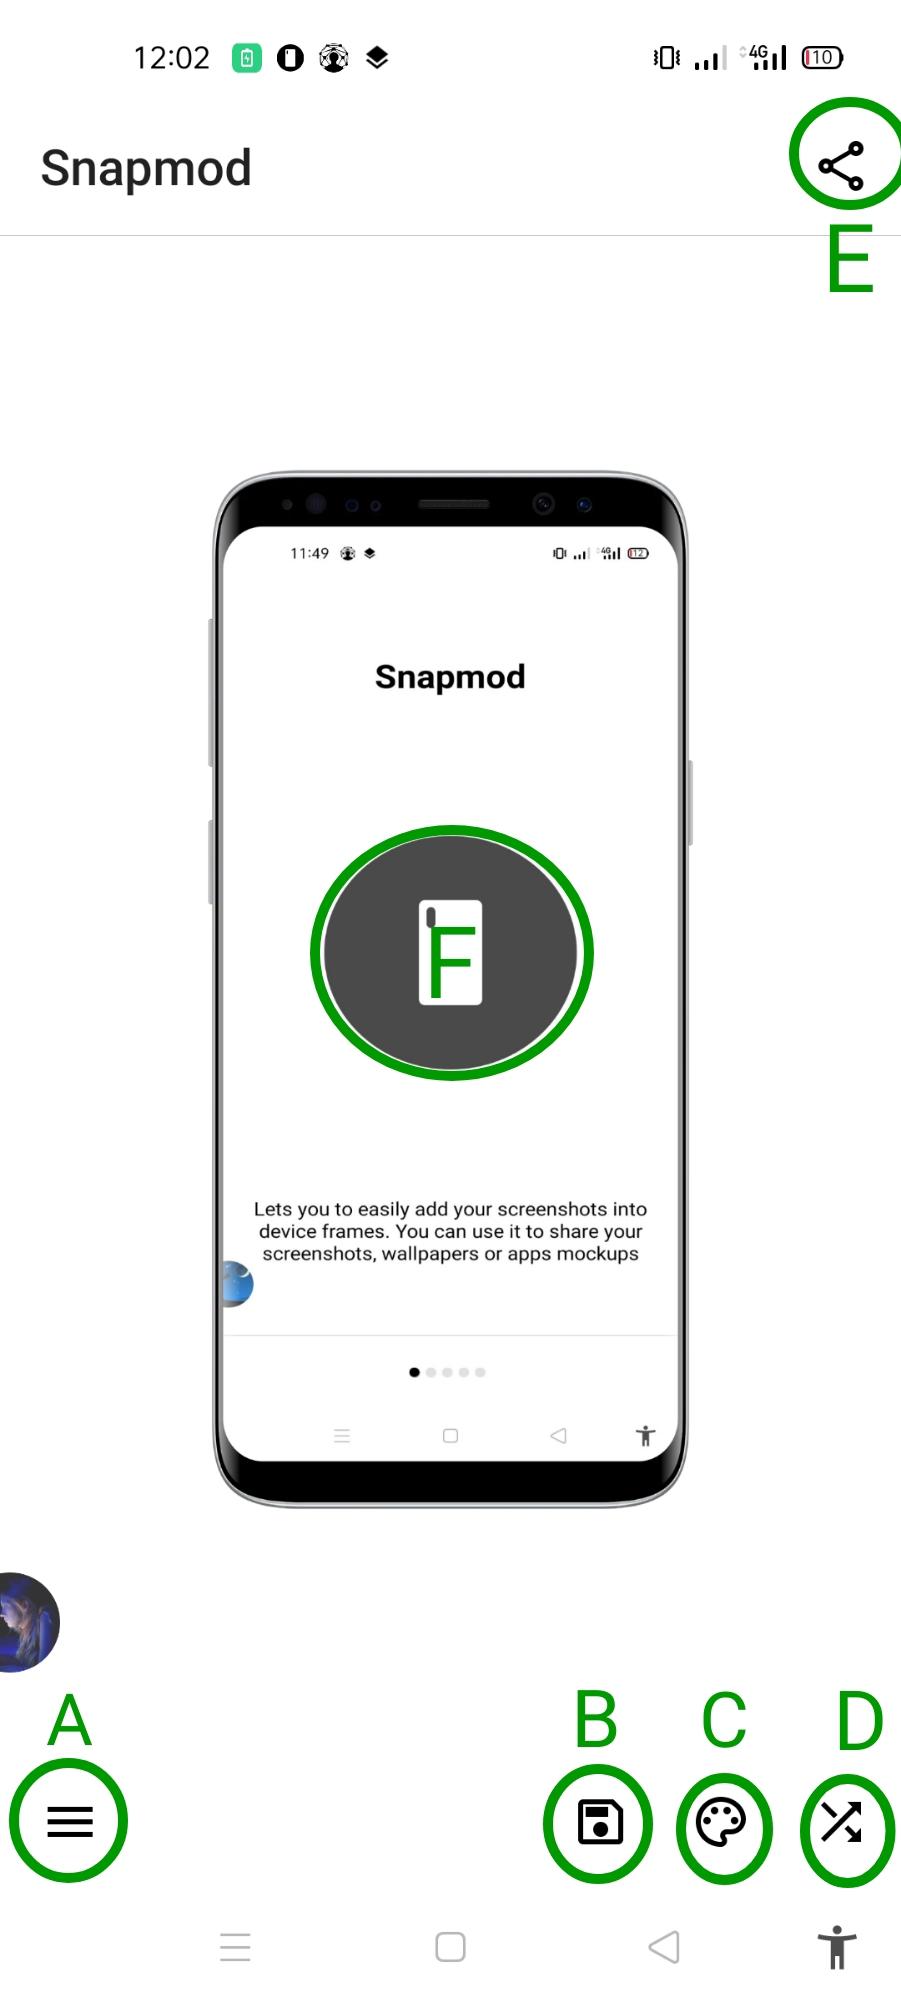 মোবাইলের ফ্রেমে কিভাবে স্কিনসট নিবেন? Screenshots with a device frame.